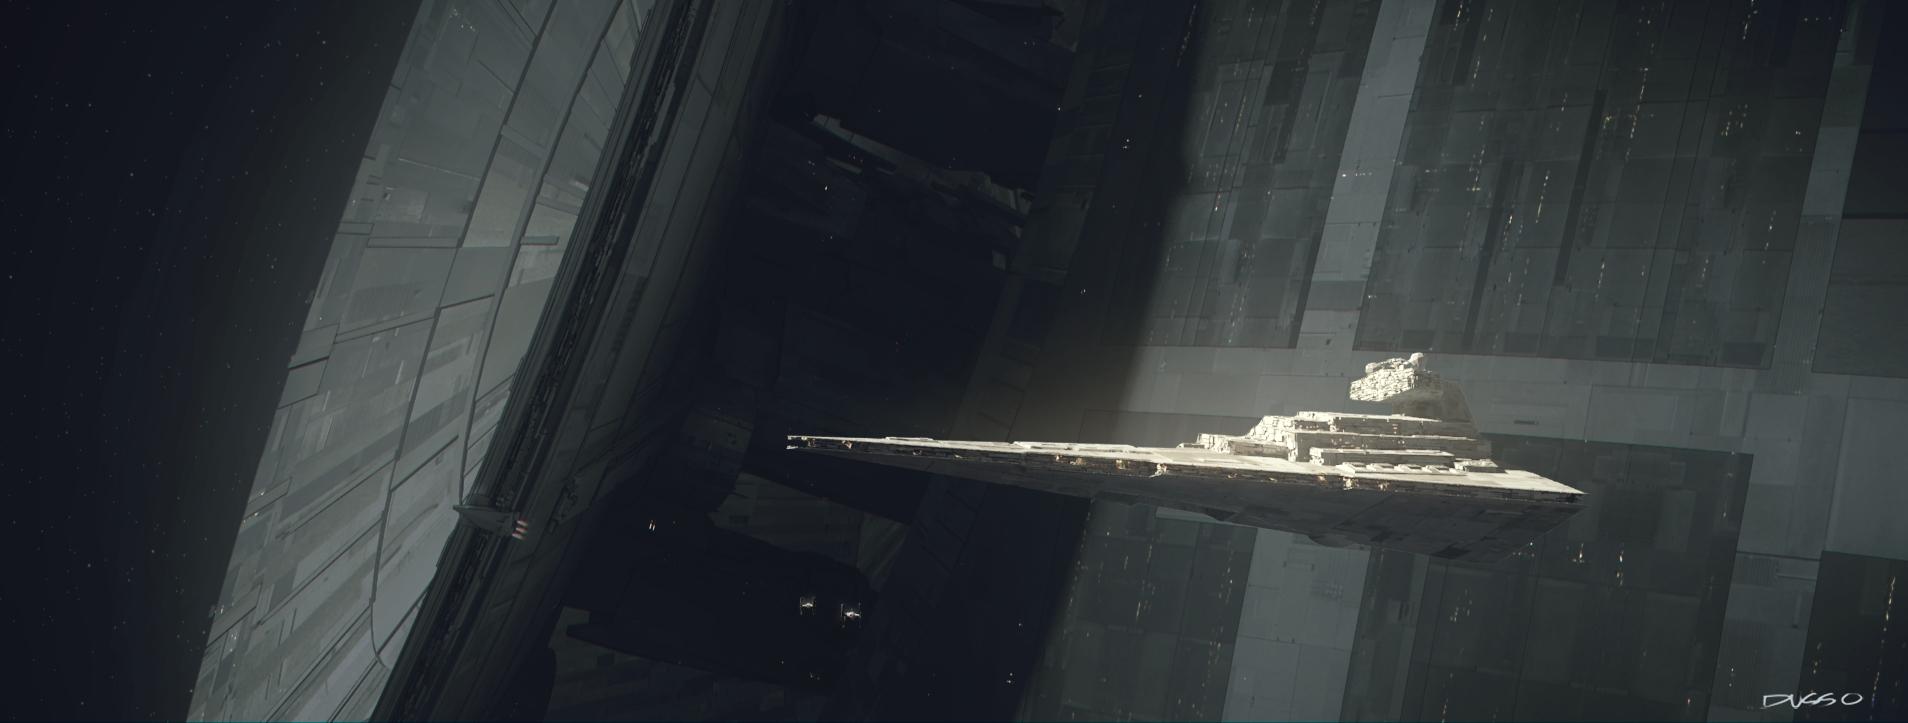 concept-art-dusseault-star-wars-starship-destroyer-base